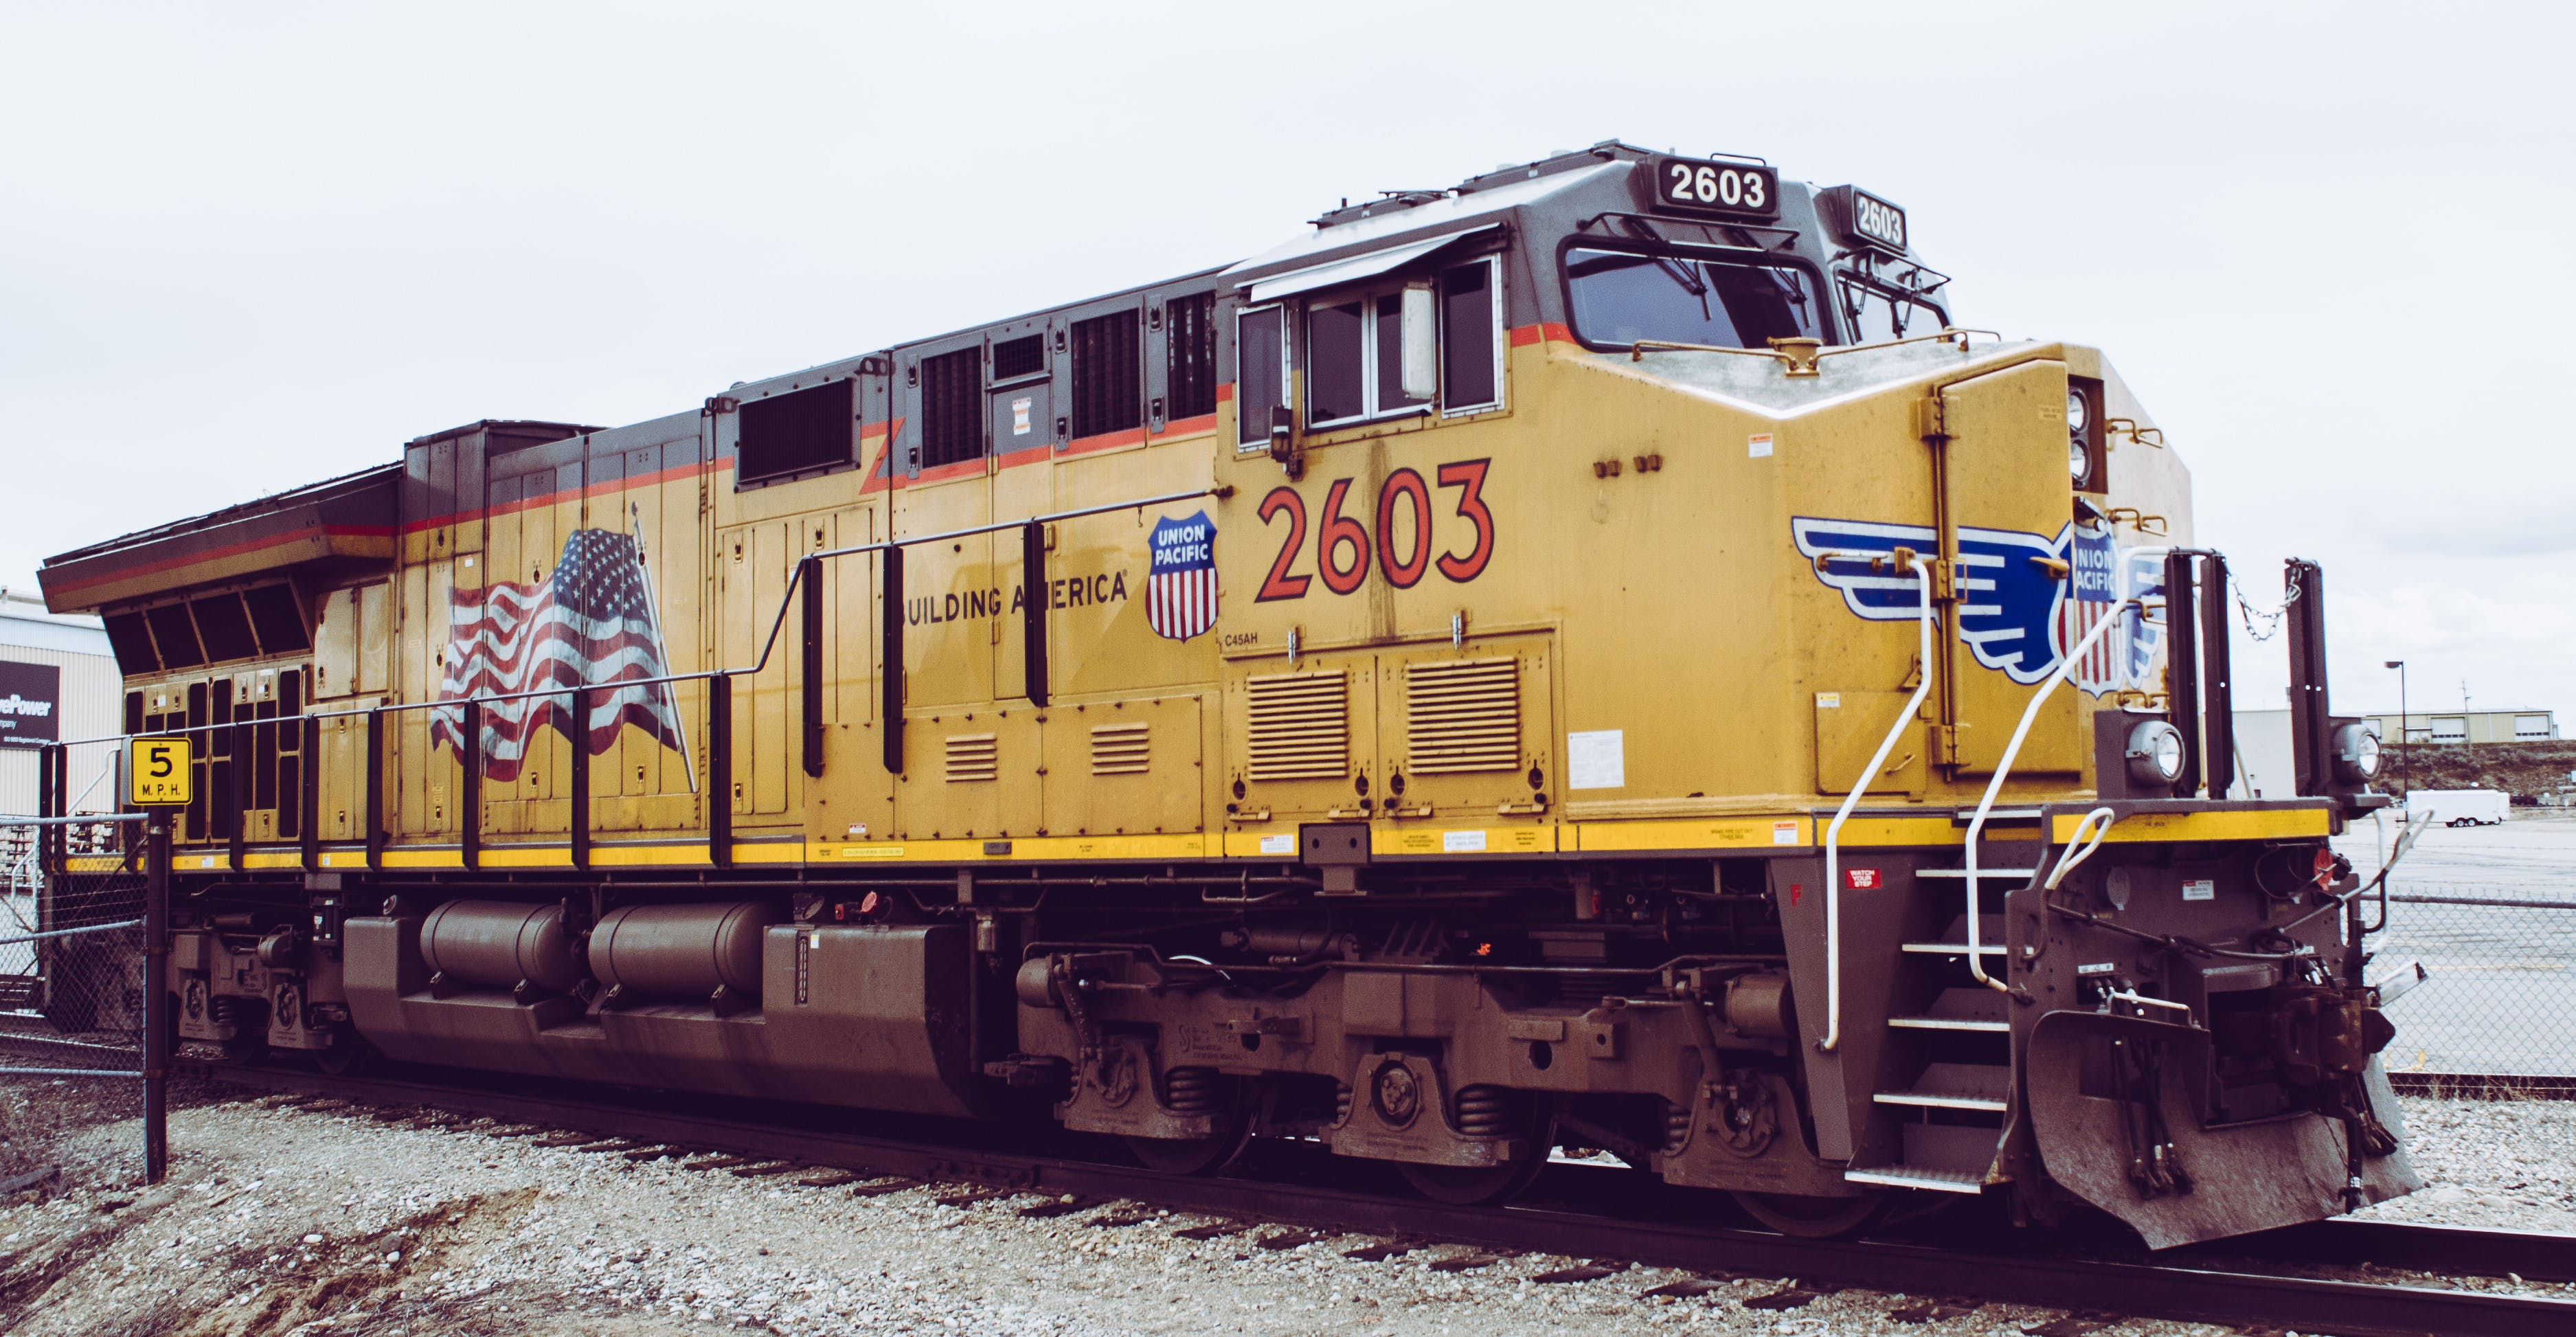 Gratis lagerfoto af jernbane, tog, togbane, transportmiddel